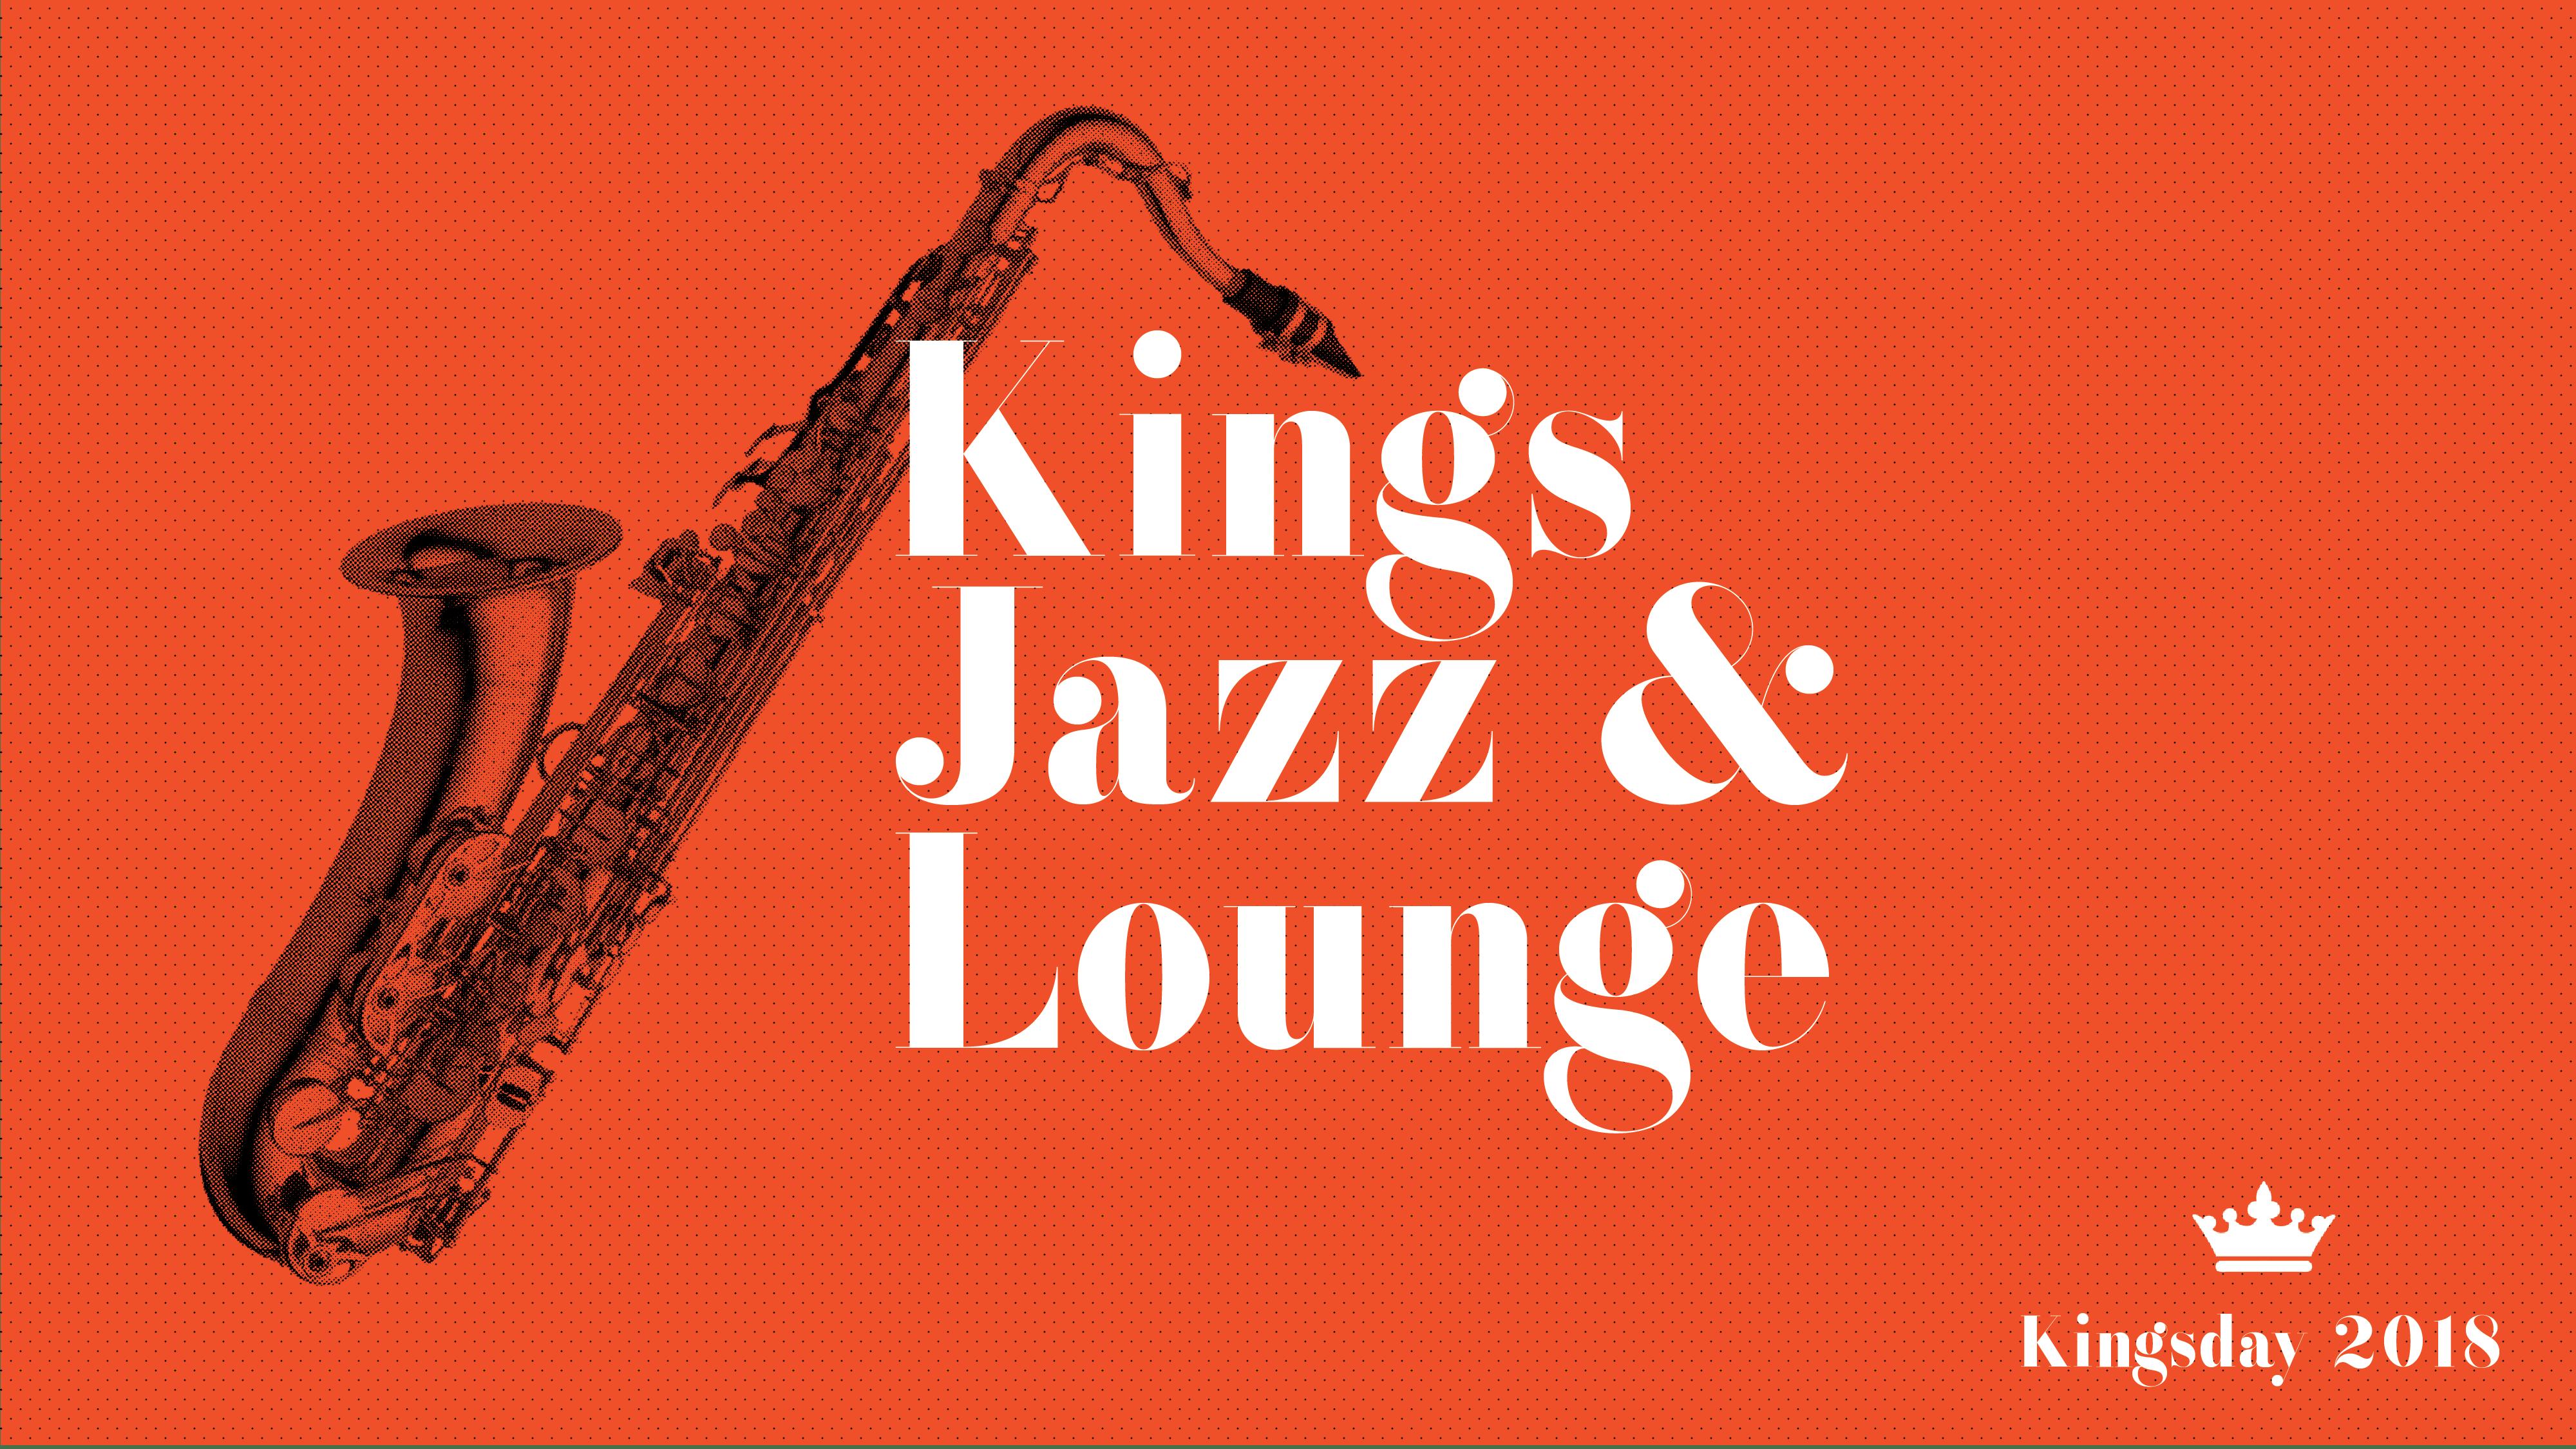 Kings Jazz & Lounge